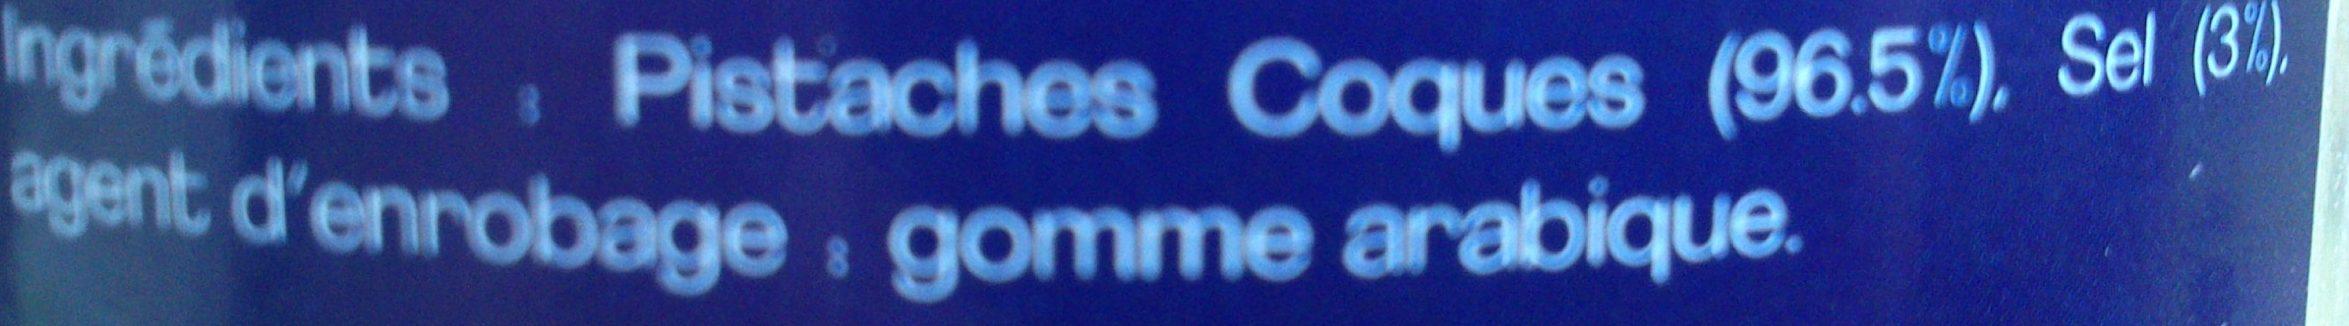 Pistaches Coques Grillées Salées - Ingrédients - fr